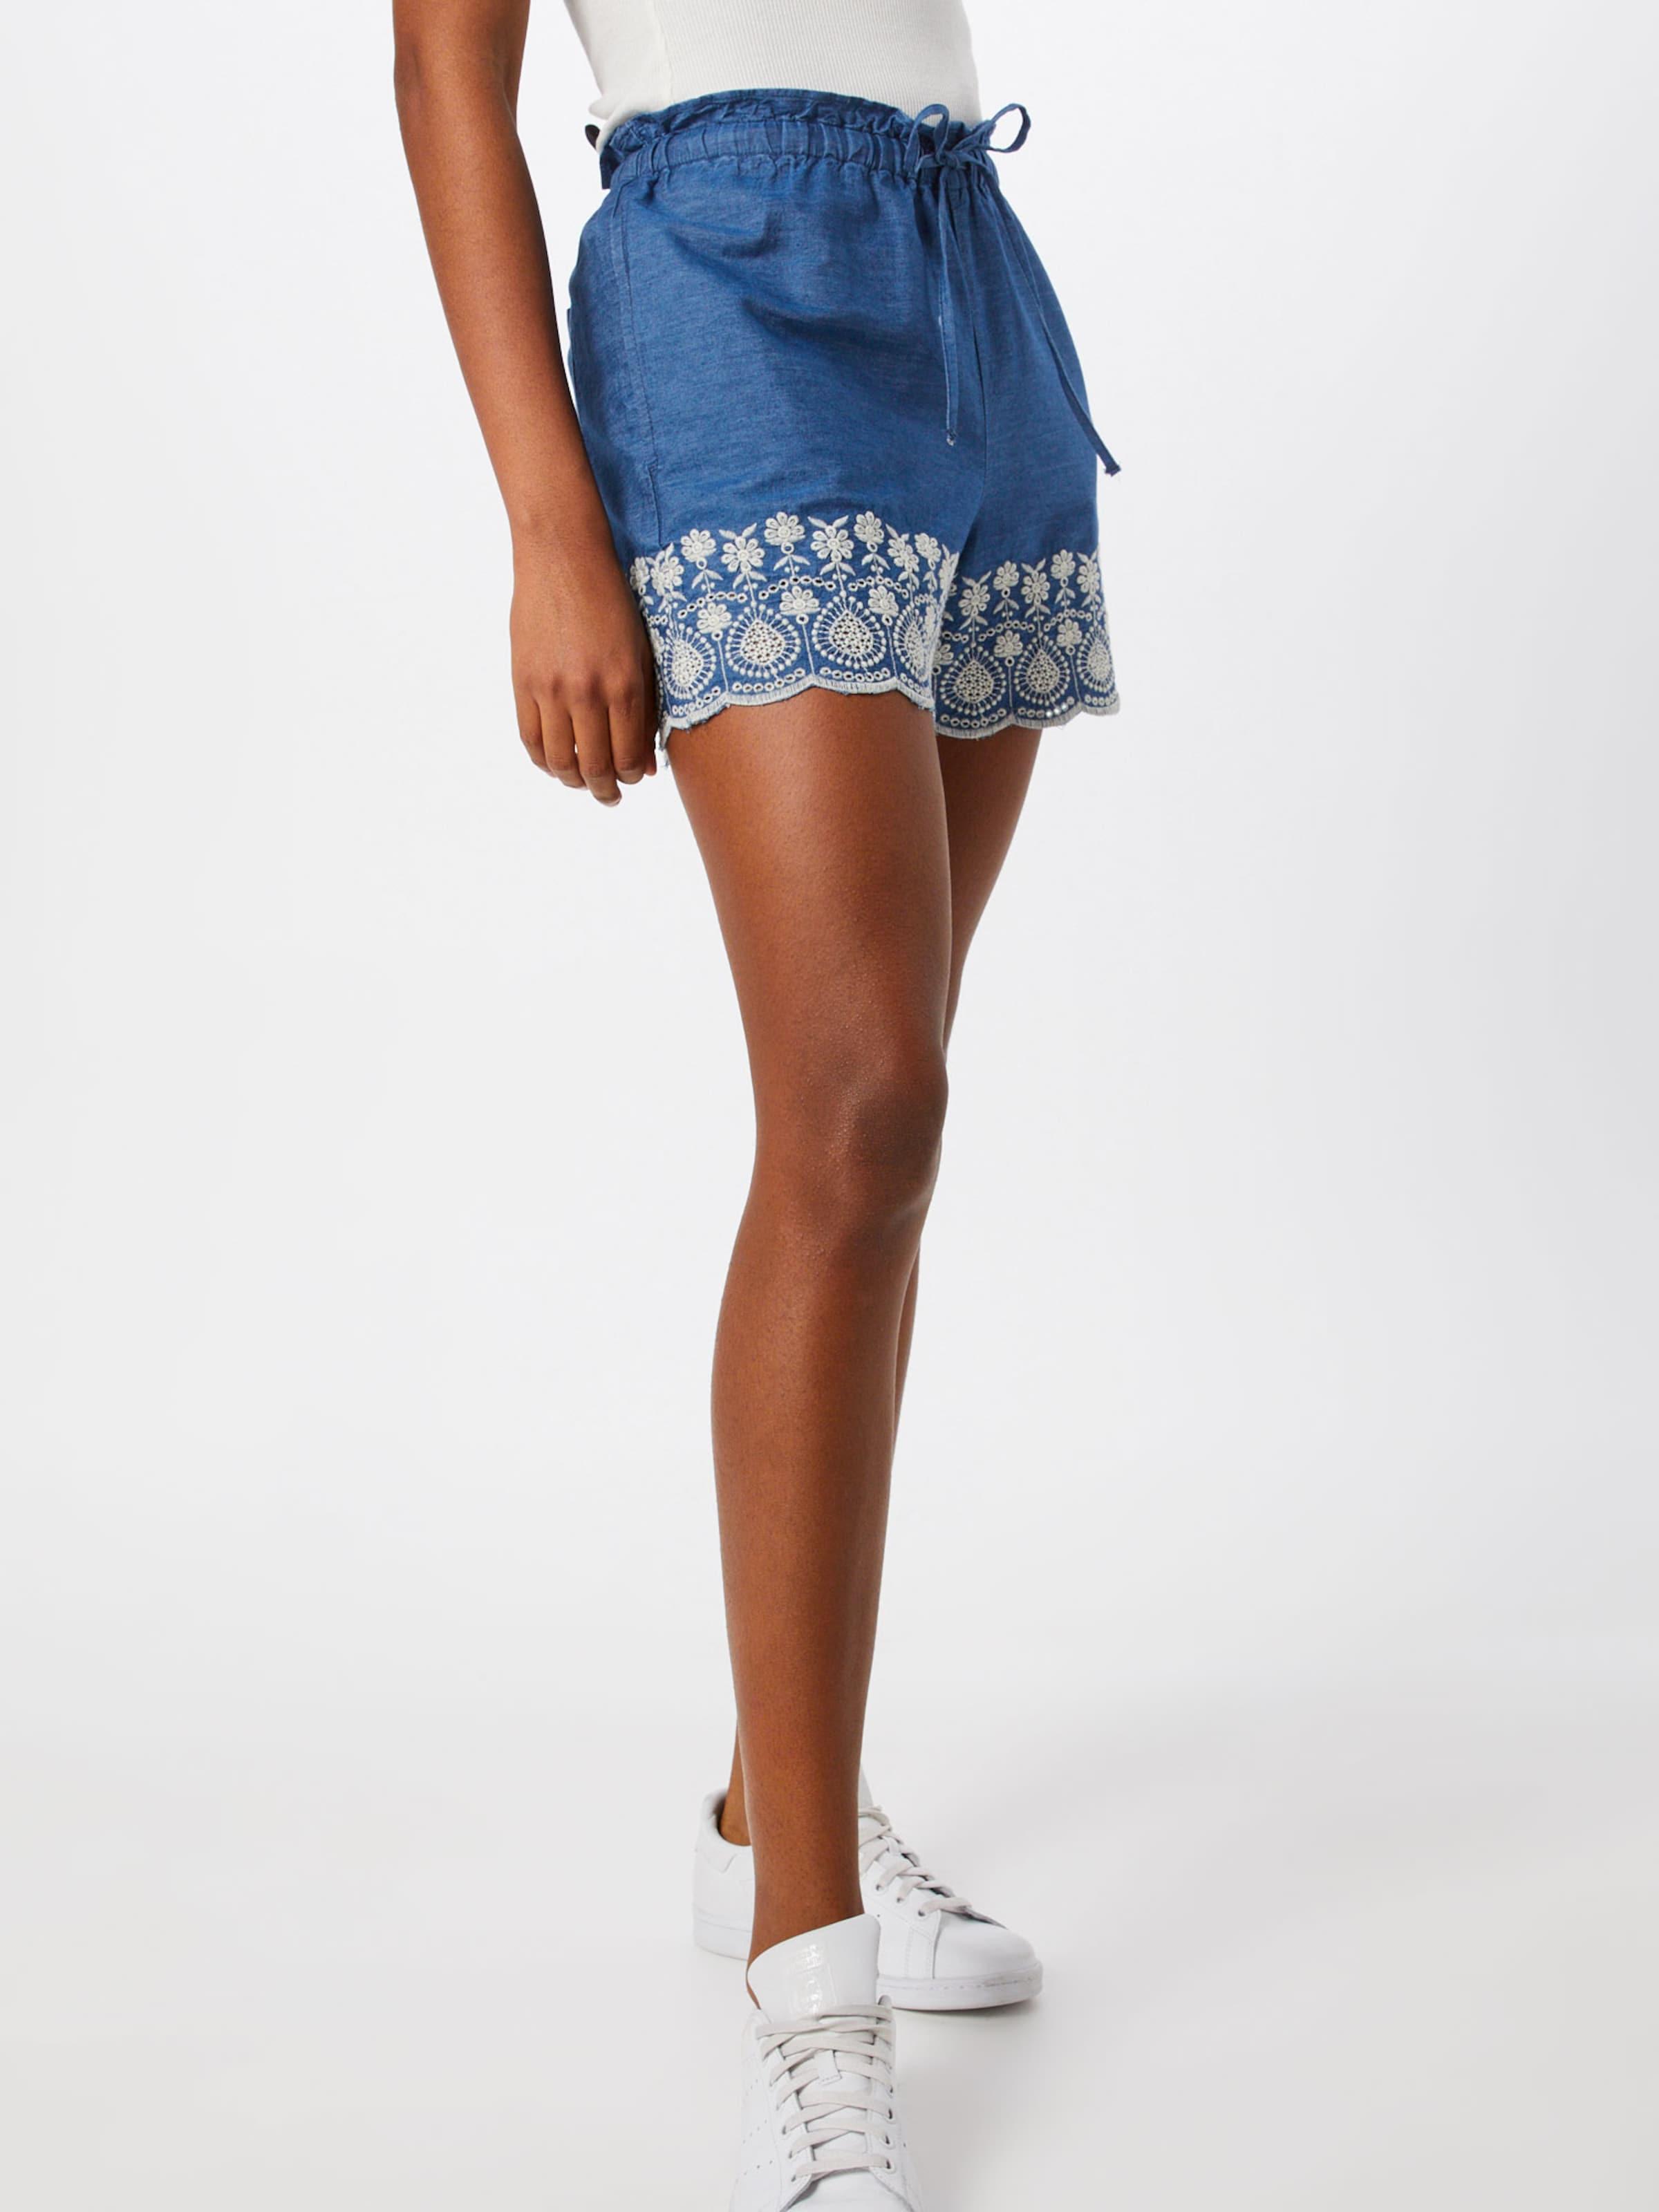 'embro Jean En DenimFoncé Short' By Esprit Edc Bleu 8kOnP0wX